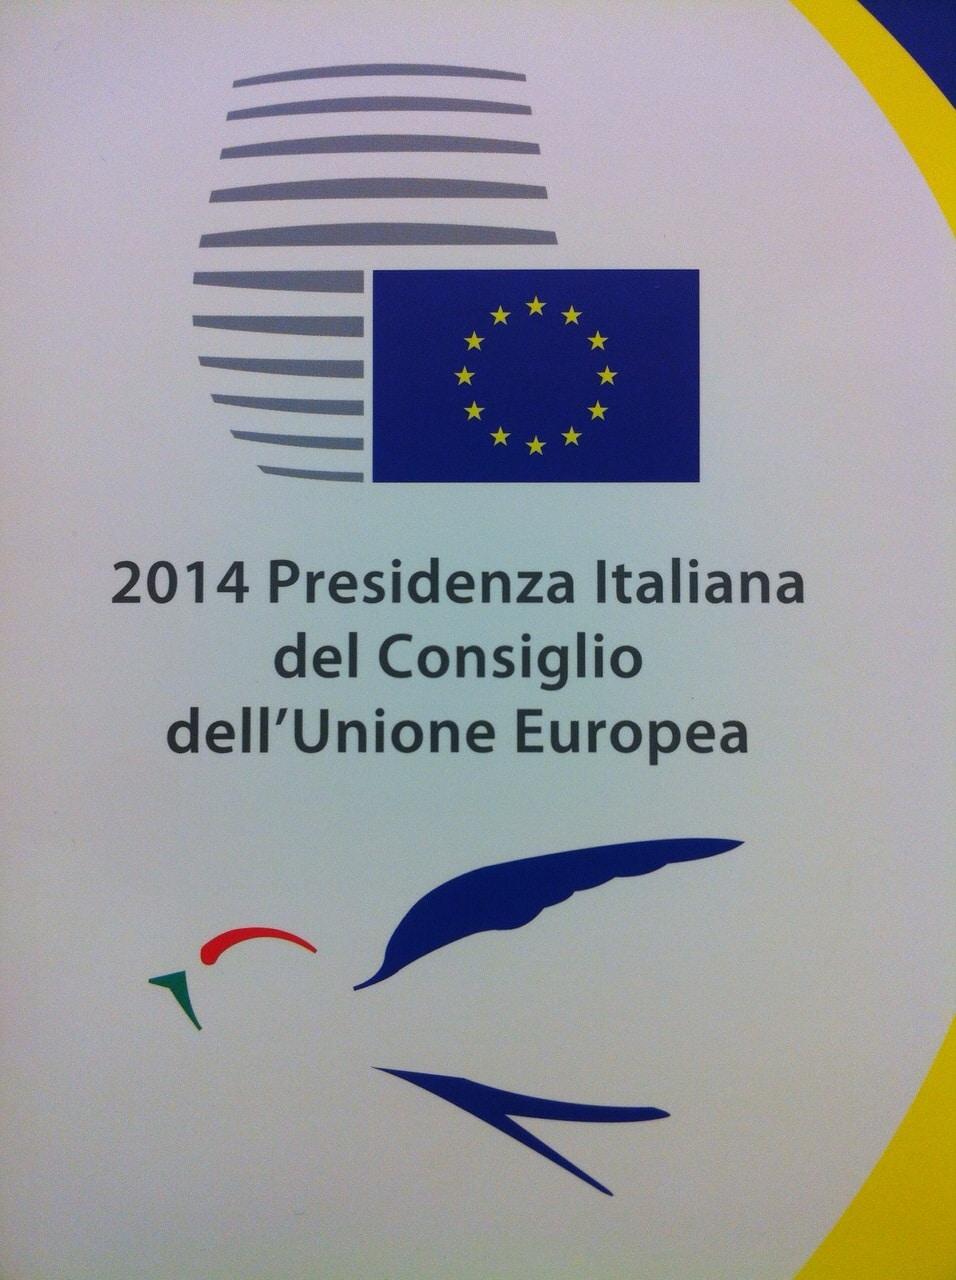 Presidenza italiana del Consiglio dell'Unione Europea: il fisioterapista al centro